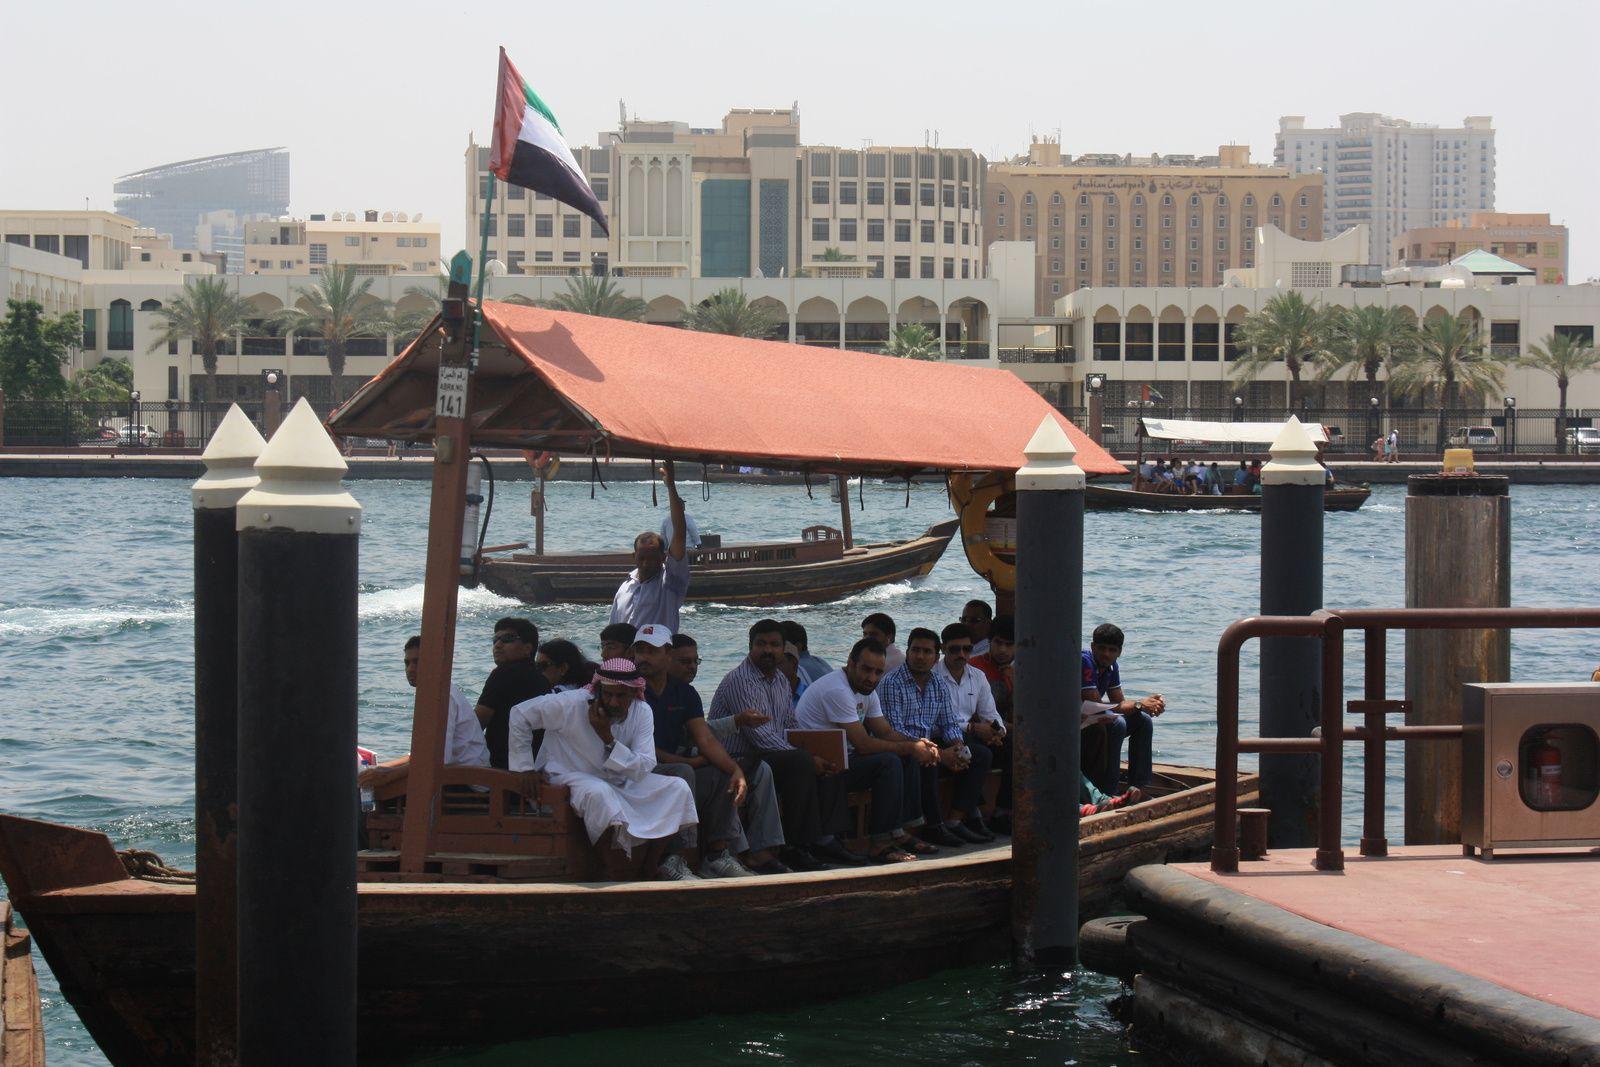 Deira/Gold Souk/Spice Souk/Traversée de Dubaï Creek en Abra (bateaux taxis)/Dubaï Old Souk